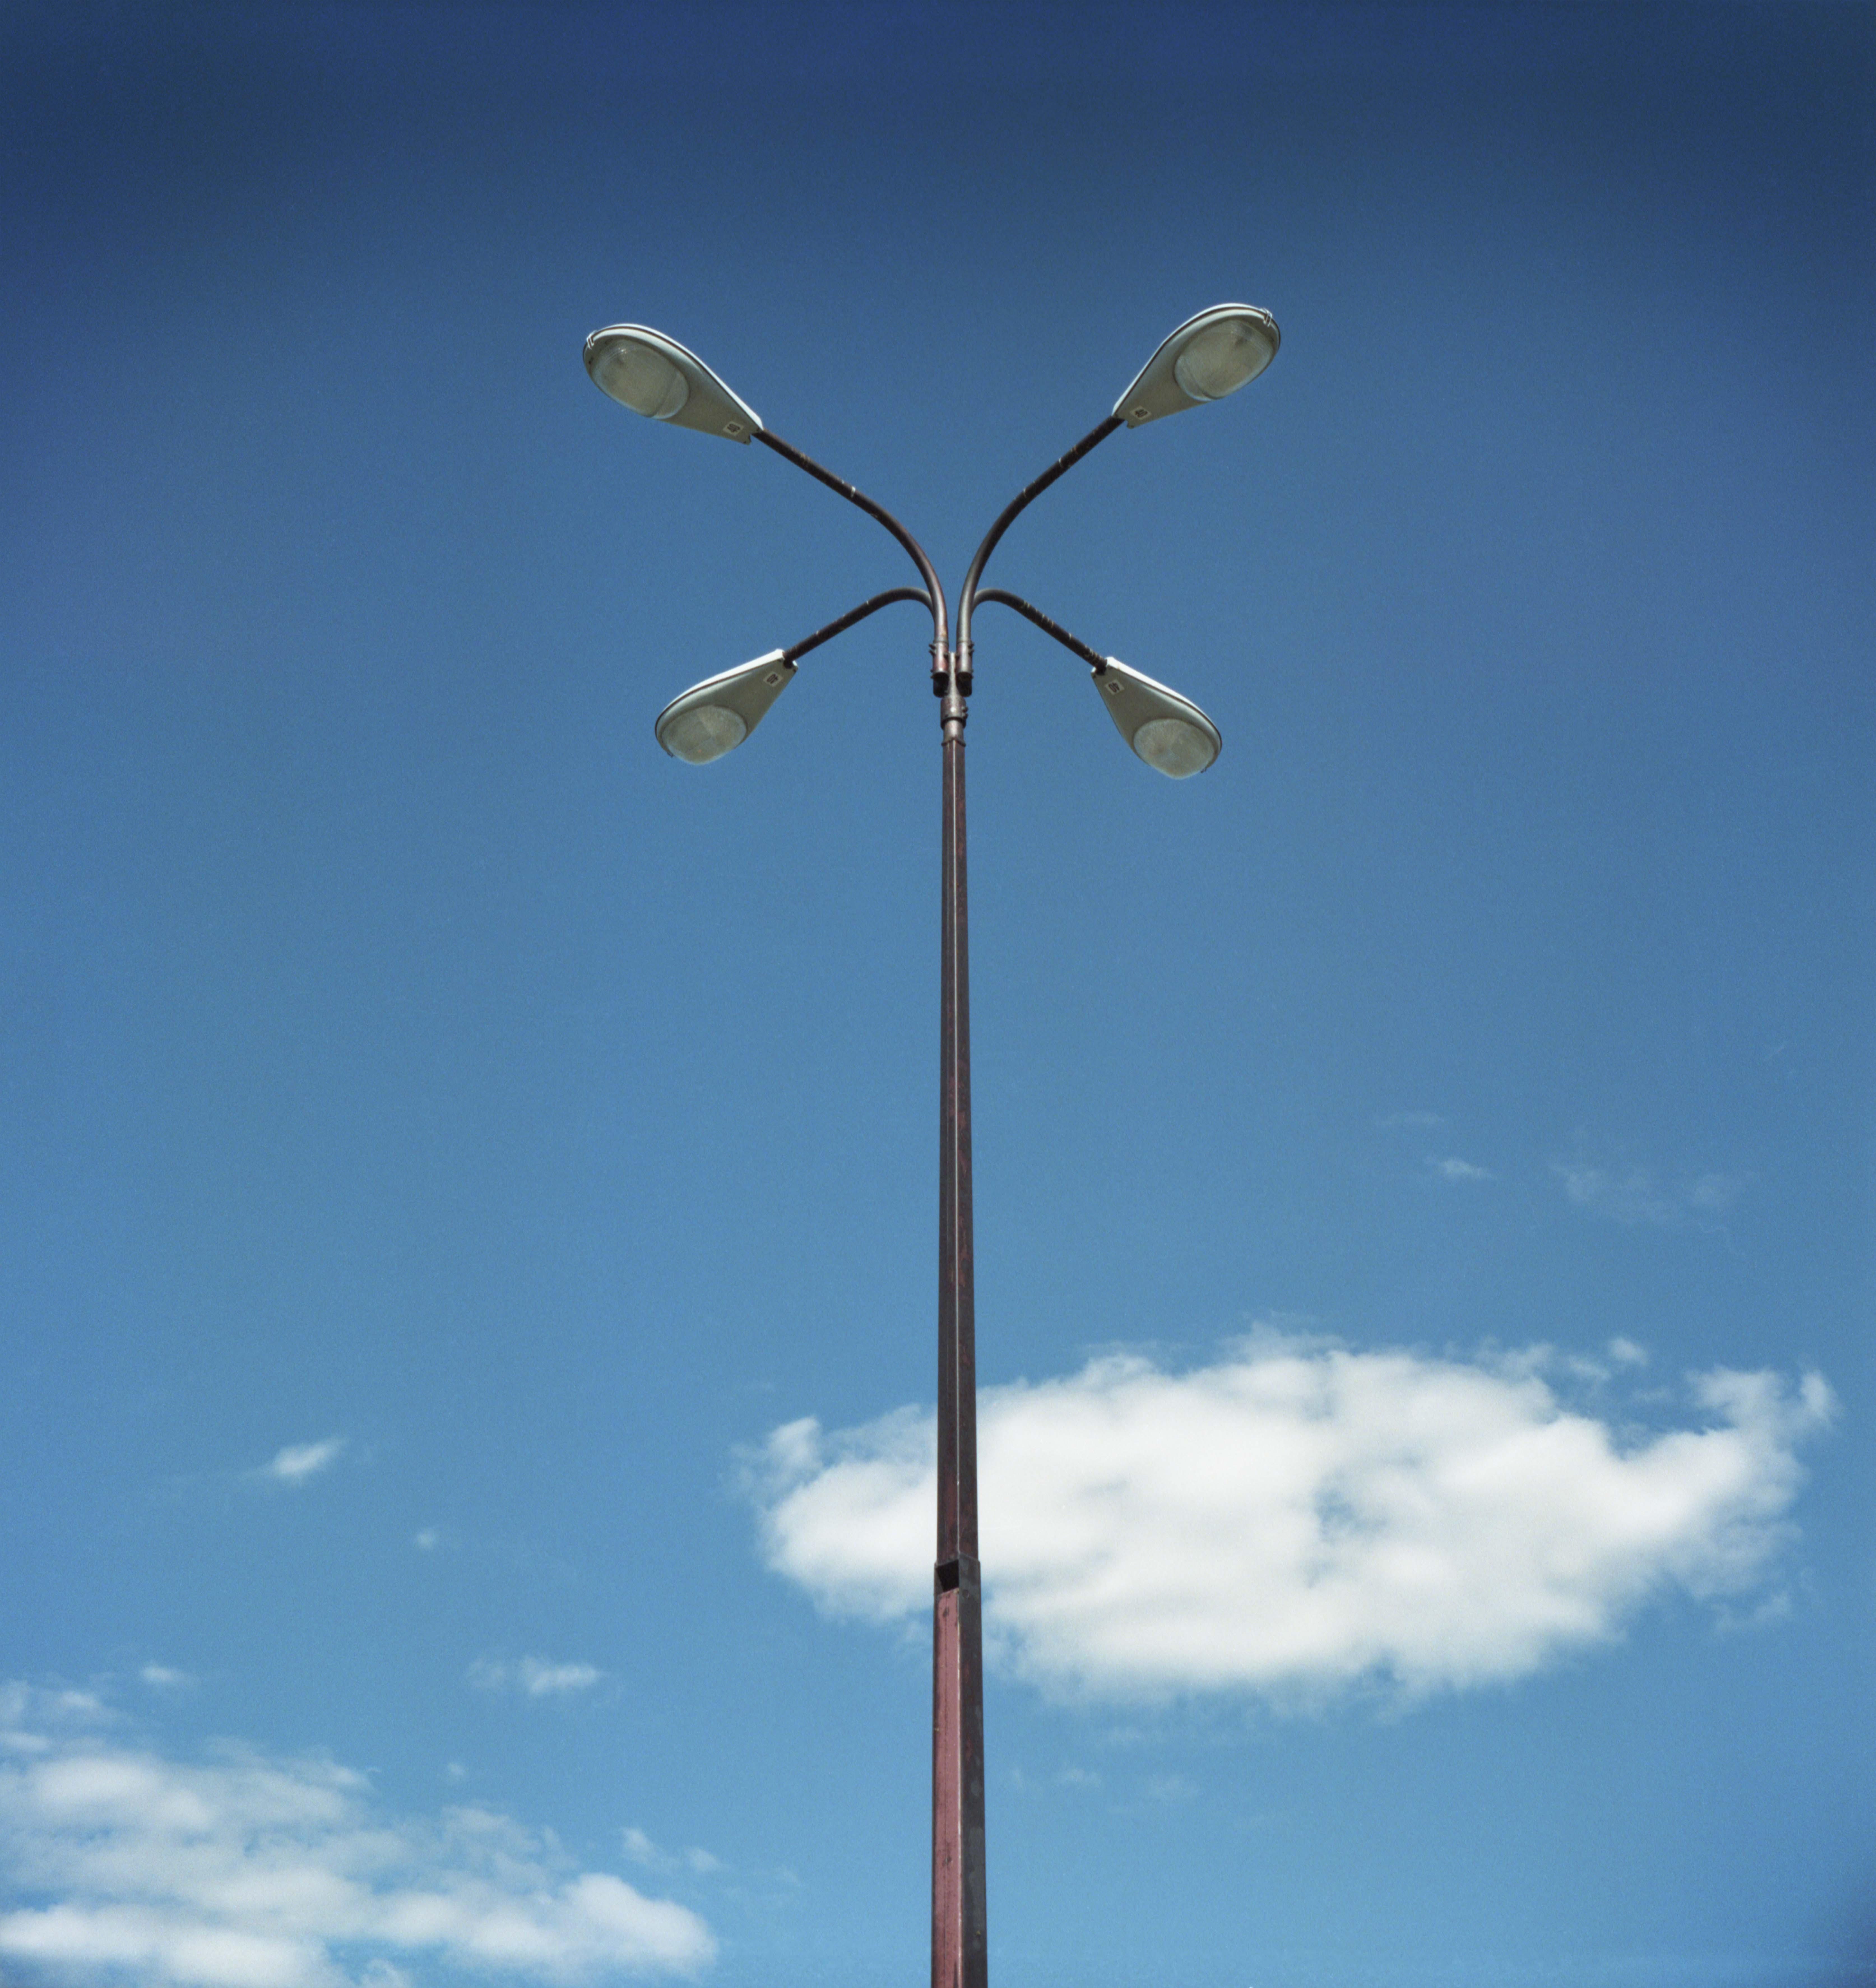 Spaulding Fibre Lamp - Tonawanda, New York - 2001